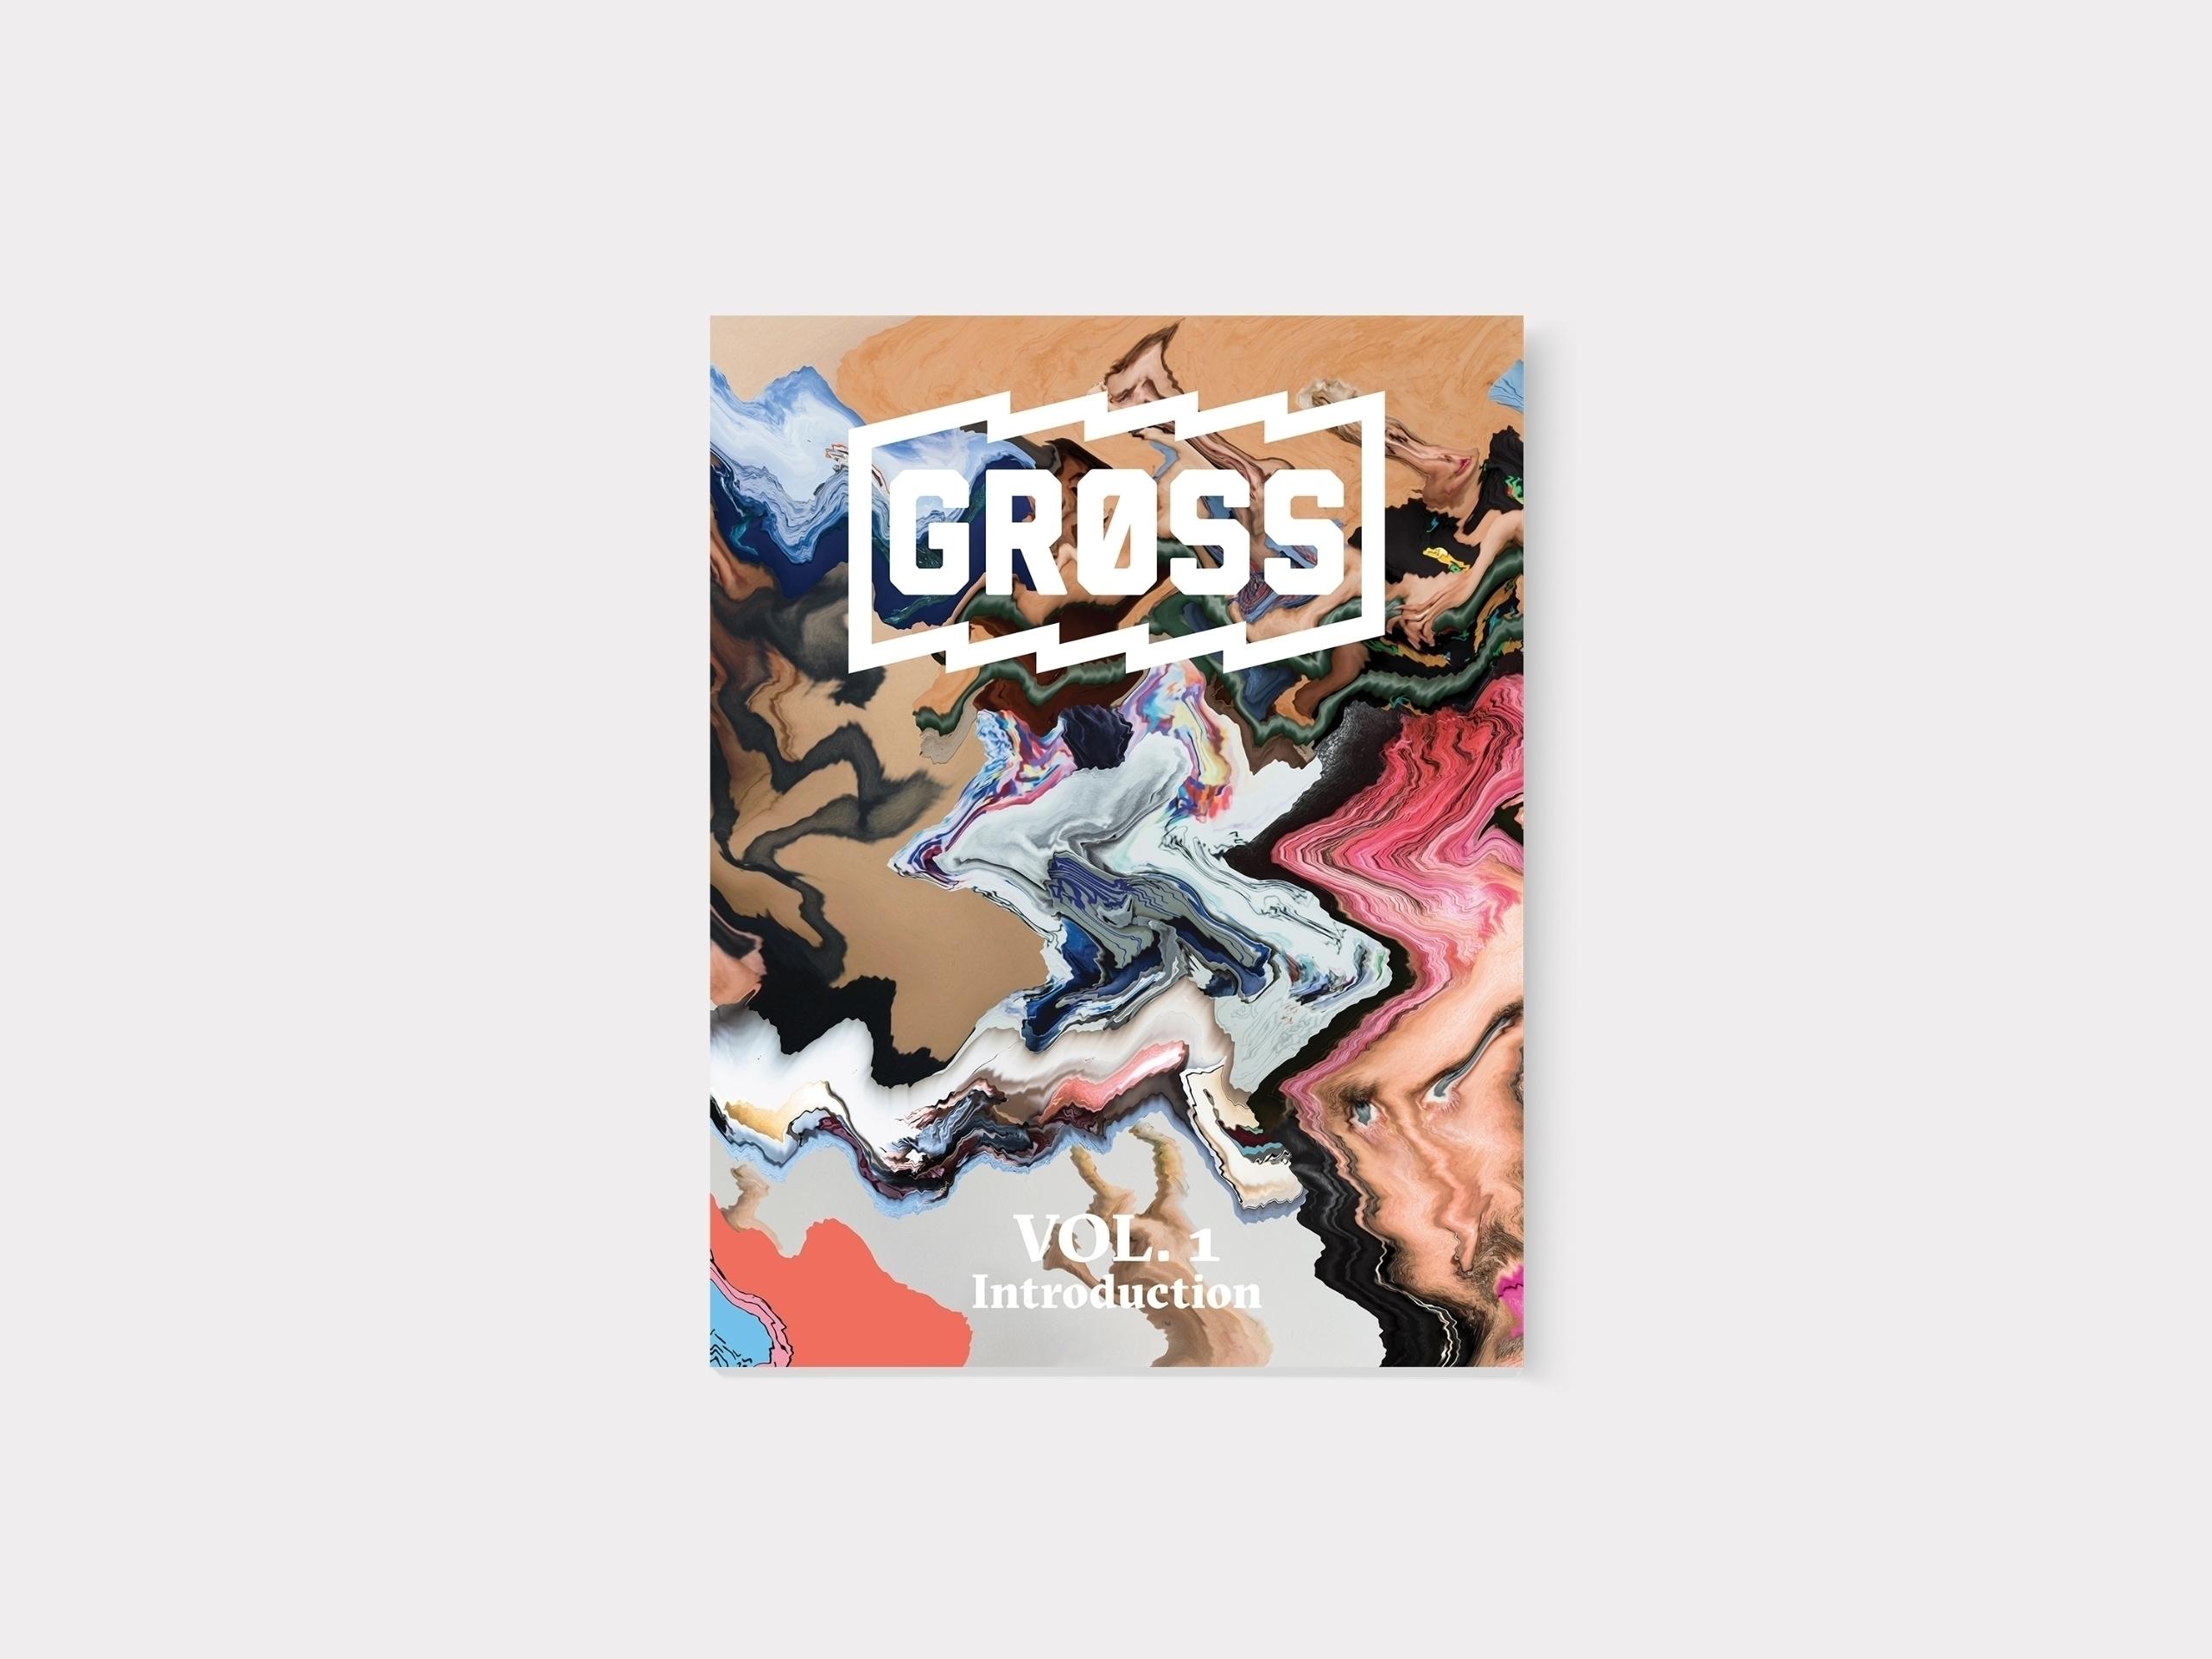 Empower instigate creativity li - gross_mag | ello